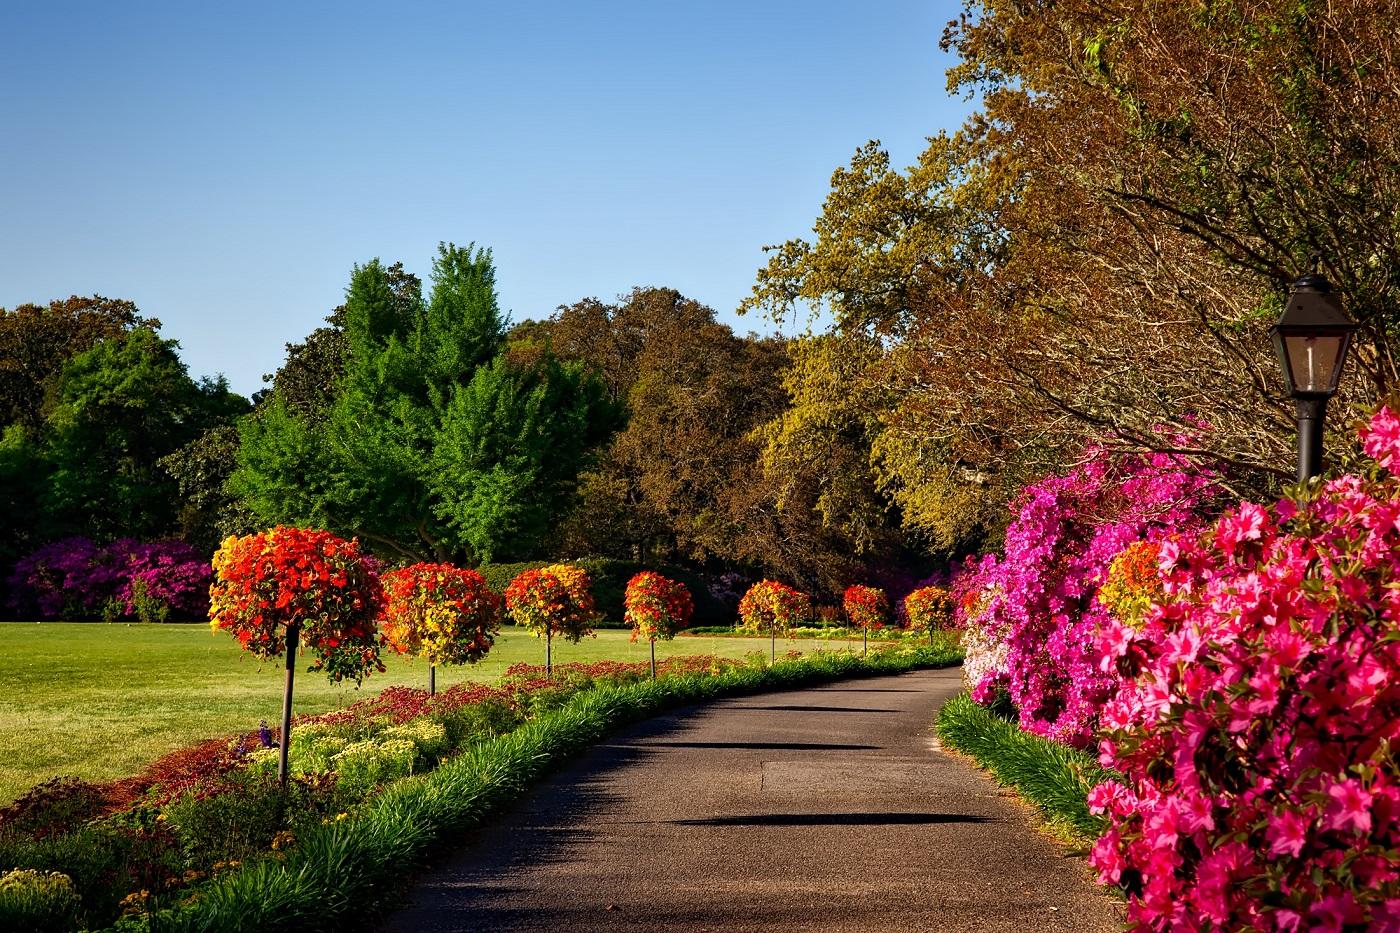 اجمل الحدائق بجودة عالية 8